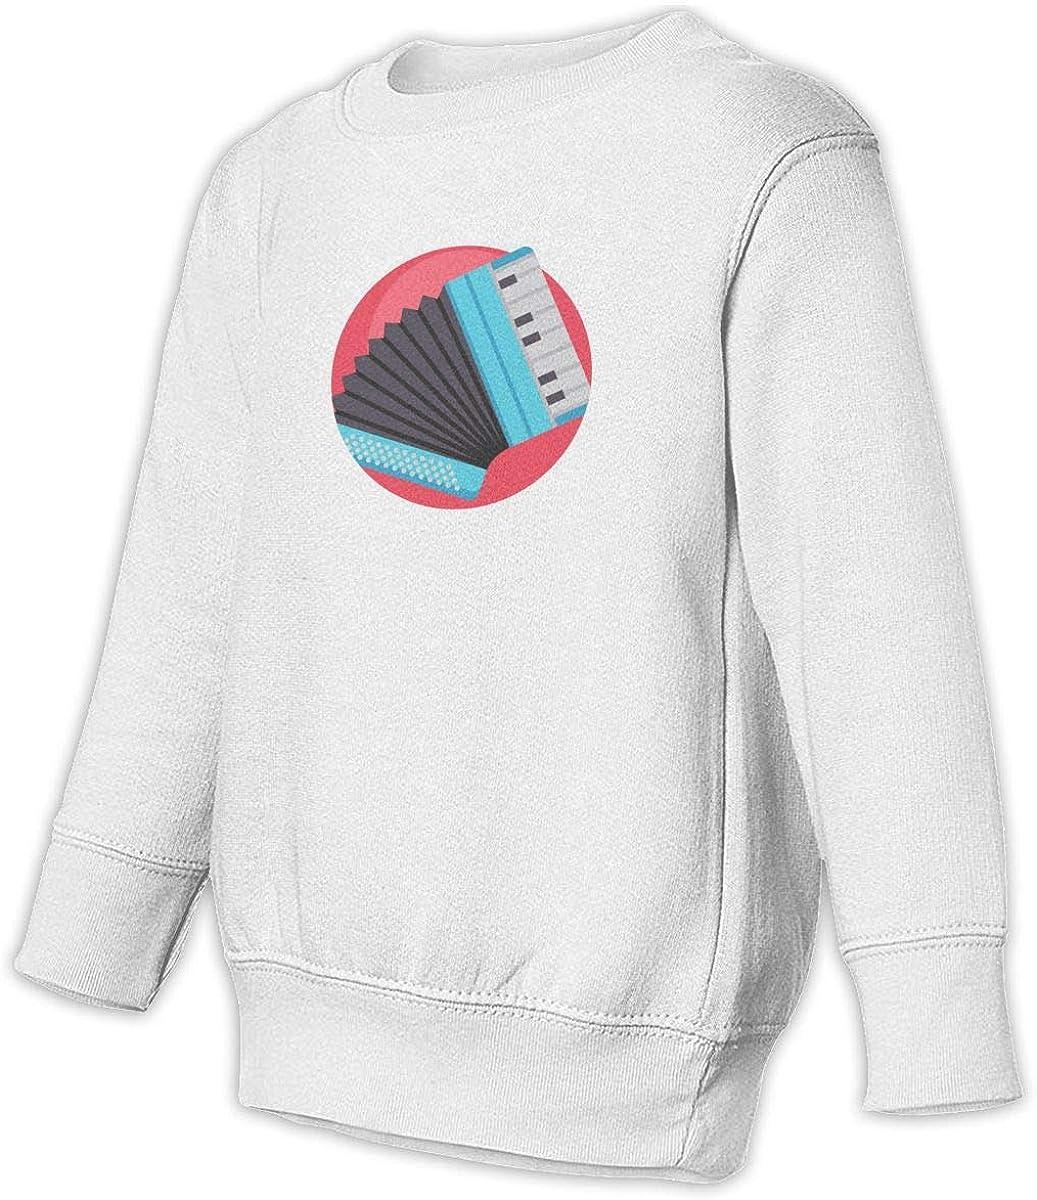 Accordion Unisex Toddler Hoodies Fleece Pull Over Sweatshirt for Boys Girls Kids Youth